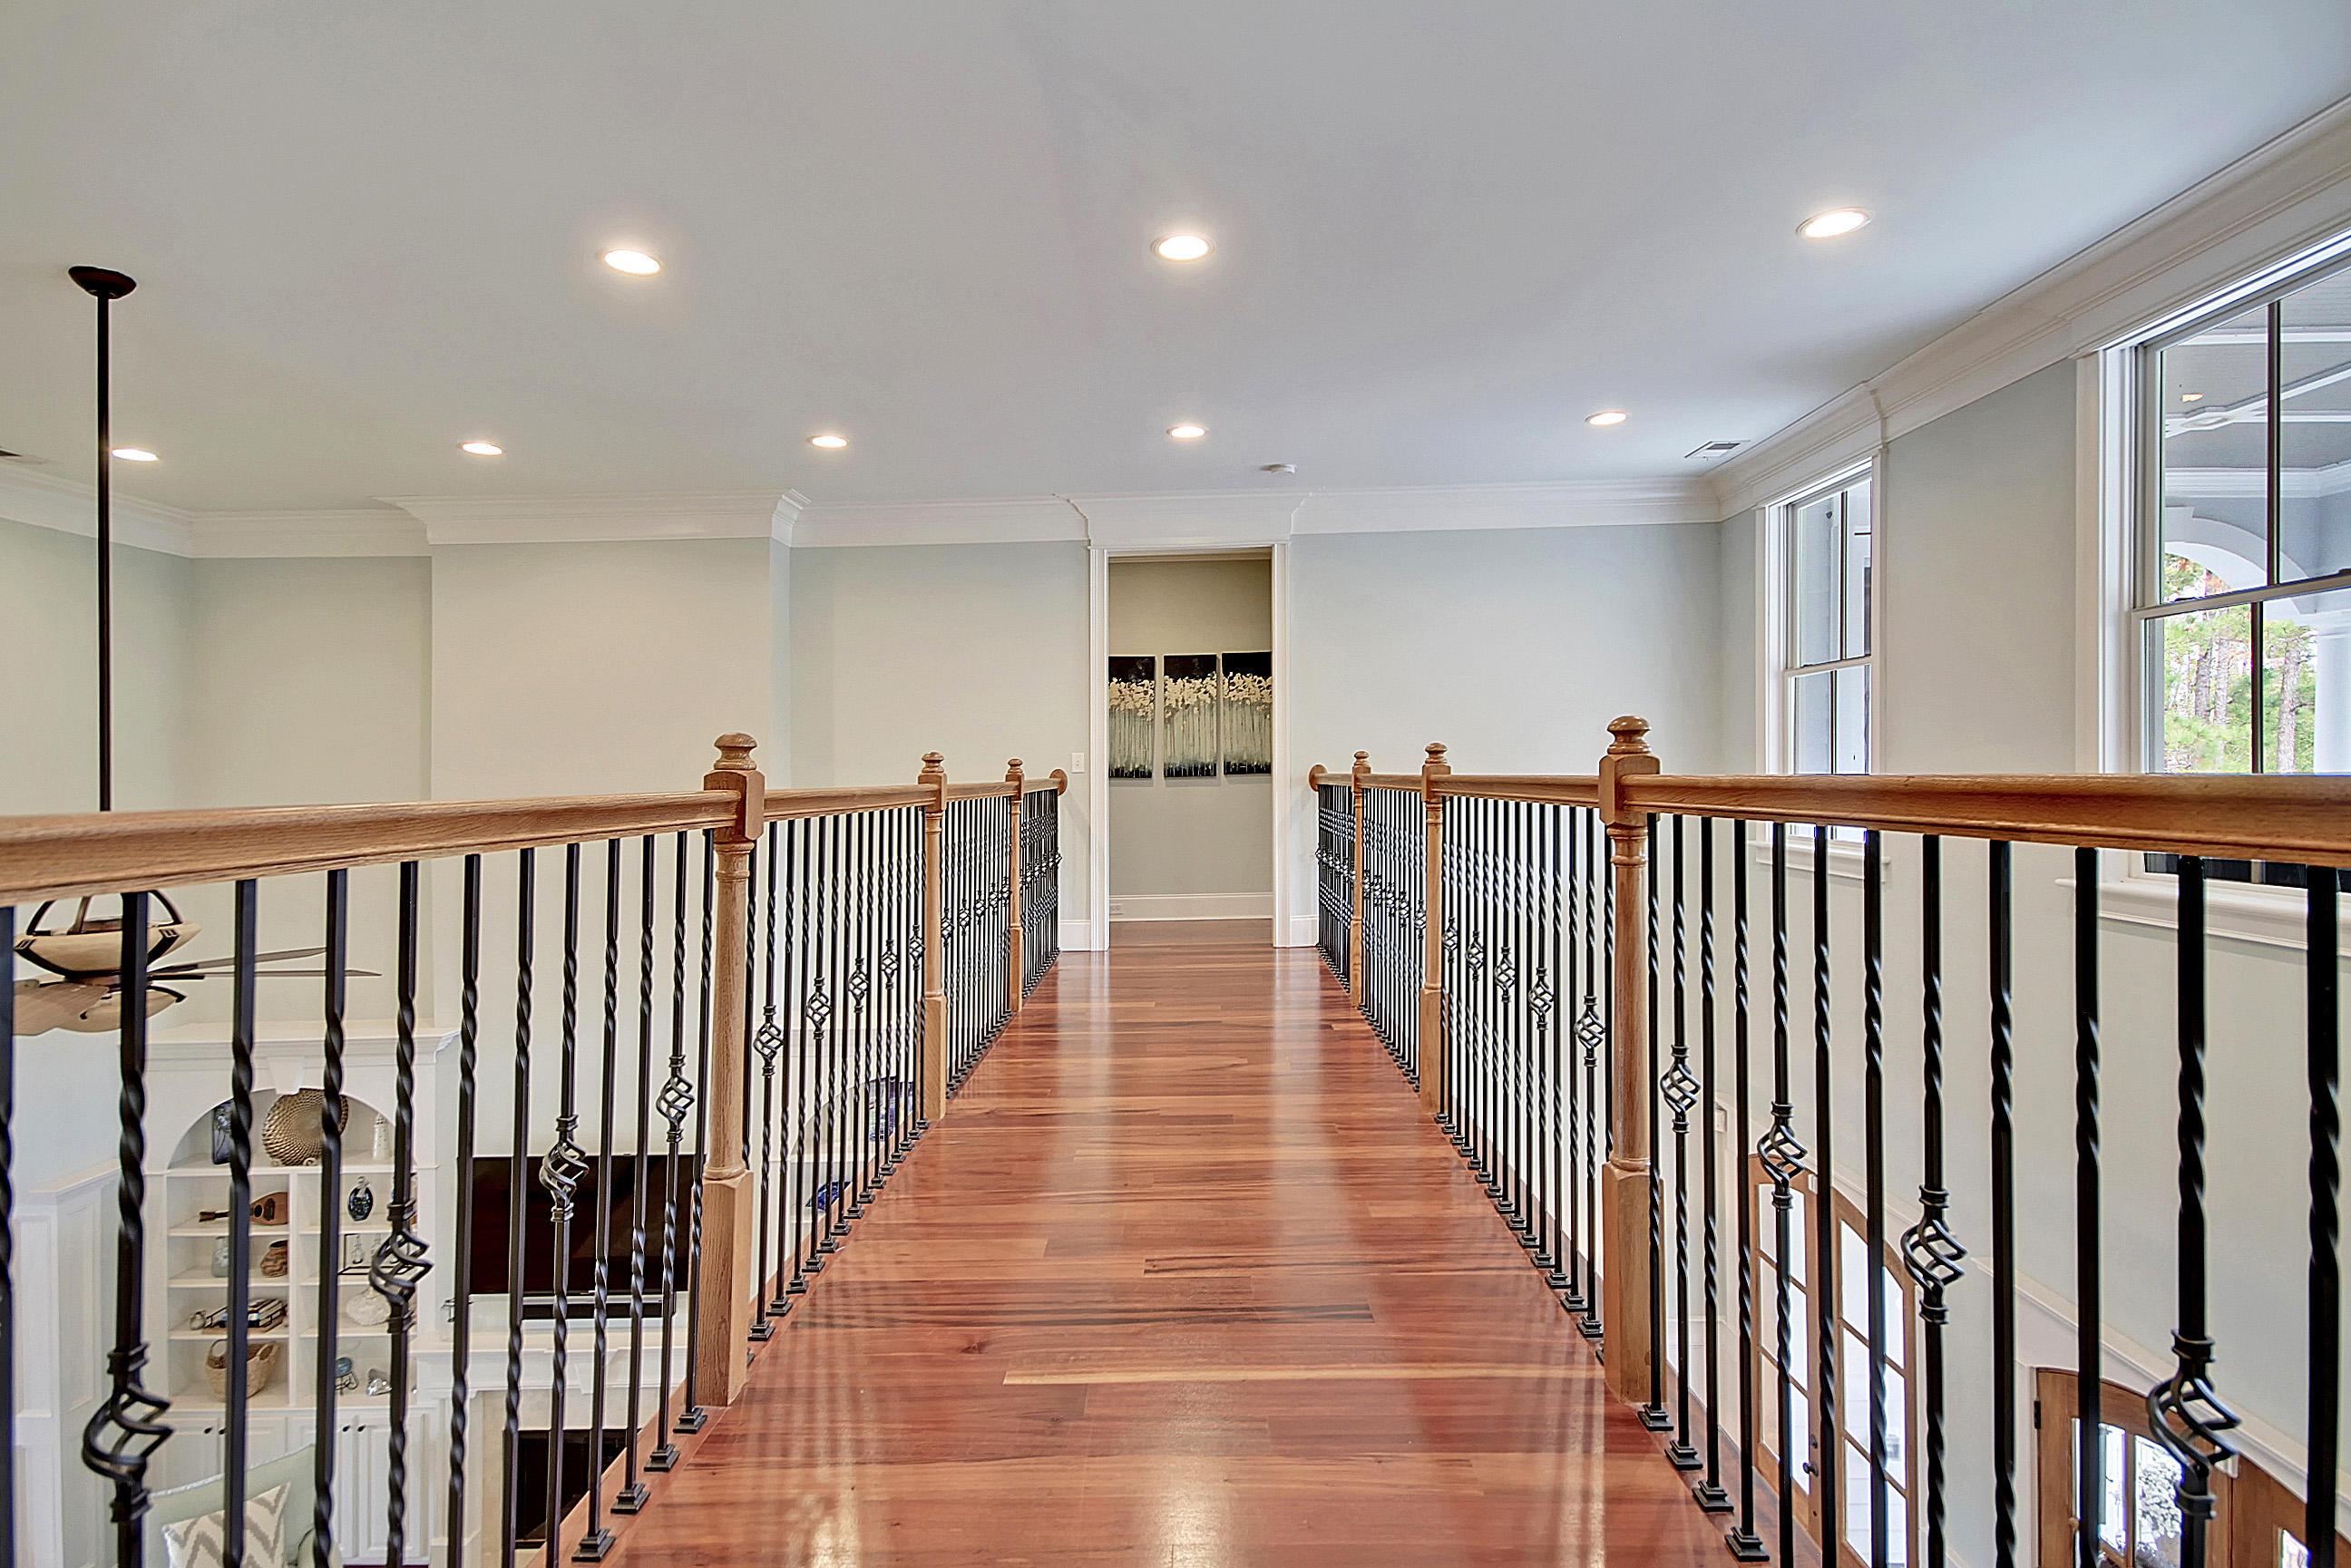 Park West Homes For Sale - 3940 Ashton Shore, Mount Pleasant, SC - 20